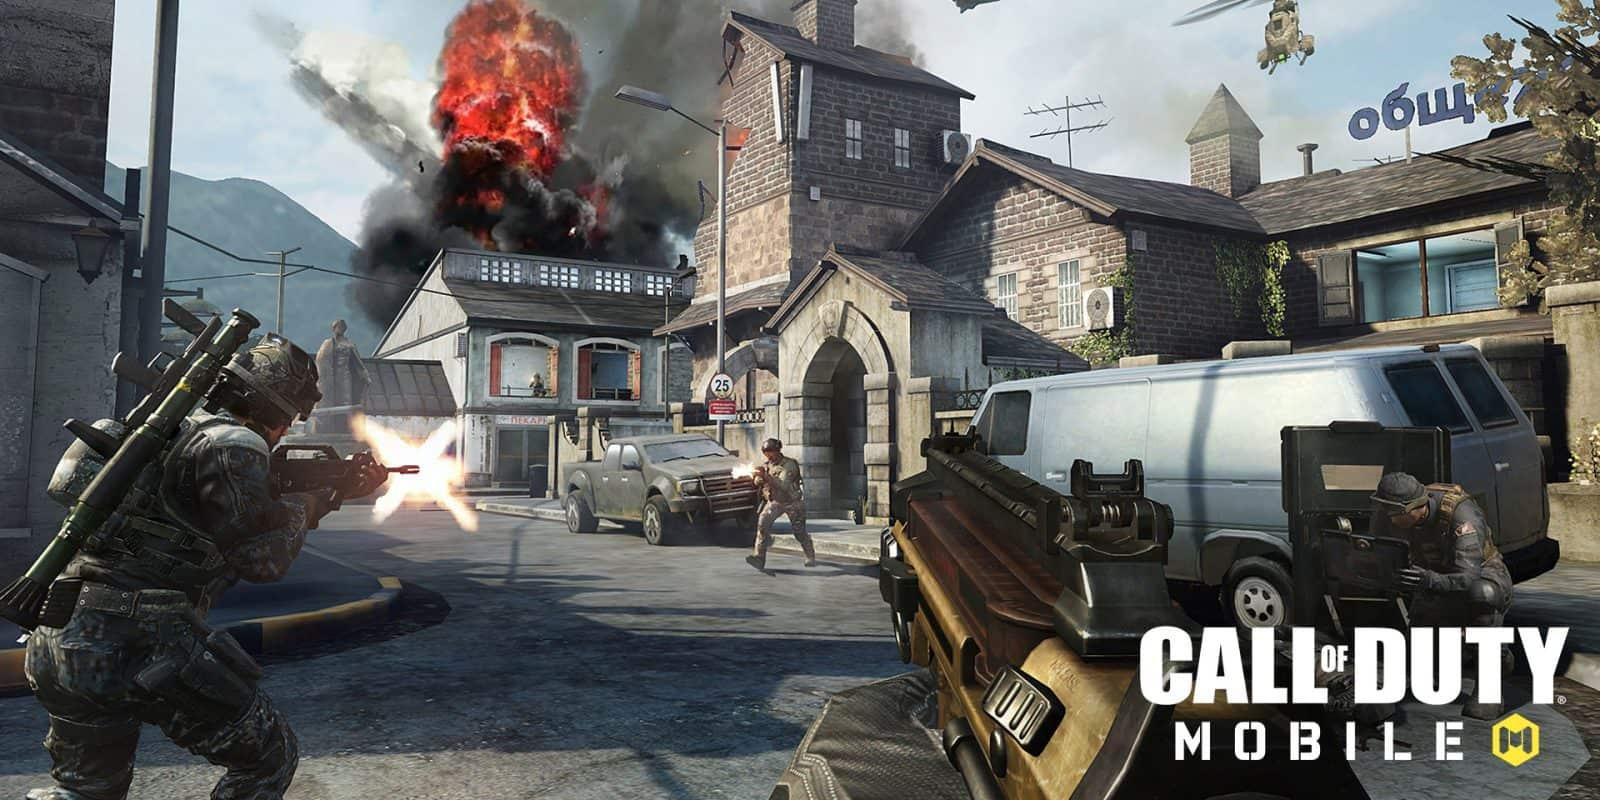 لعبة Call Of Duty Mobile احدث العاب الاكشن 2020 تحميل برابط مباشر